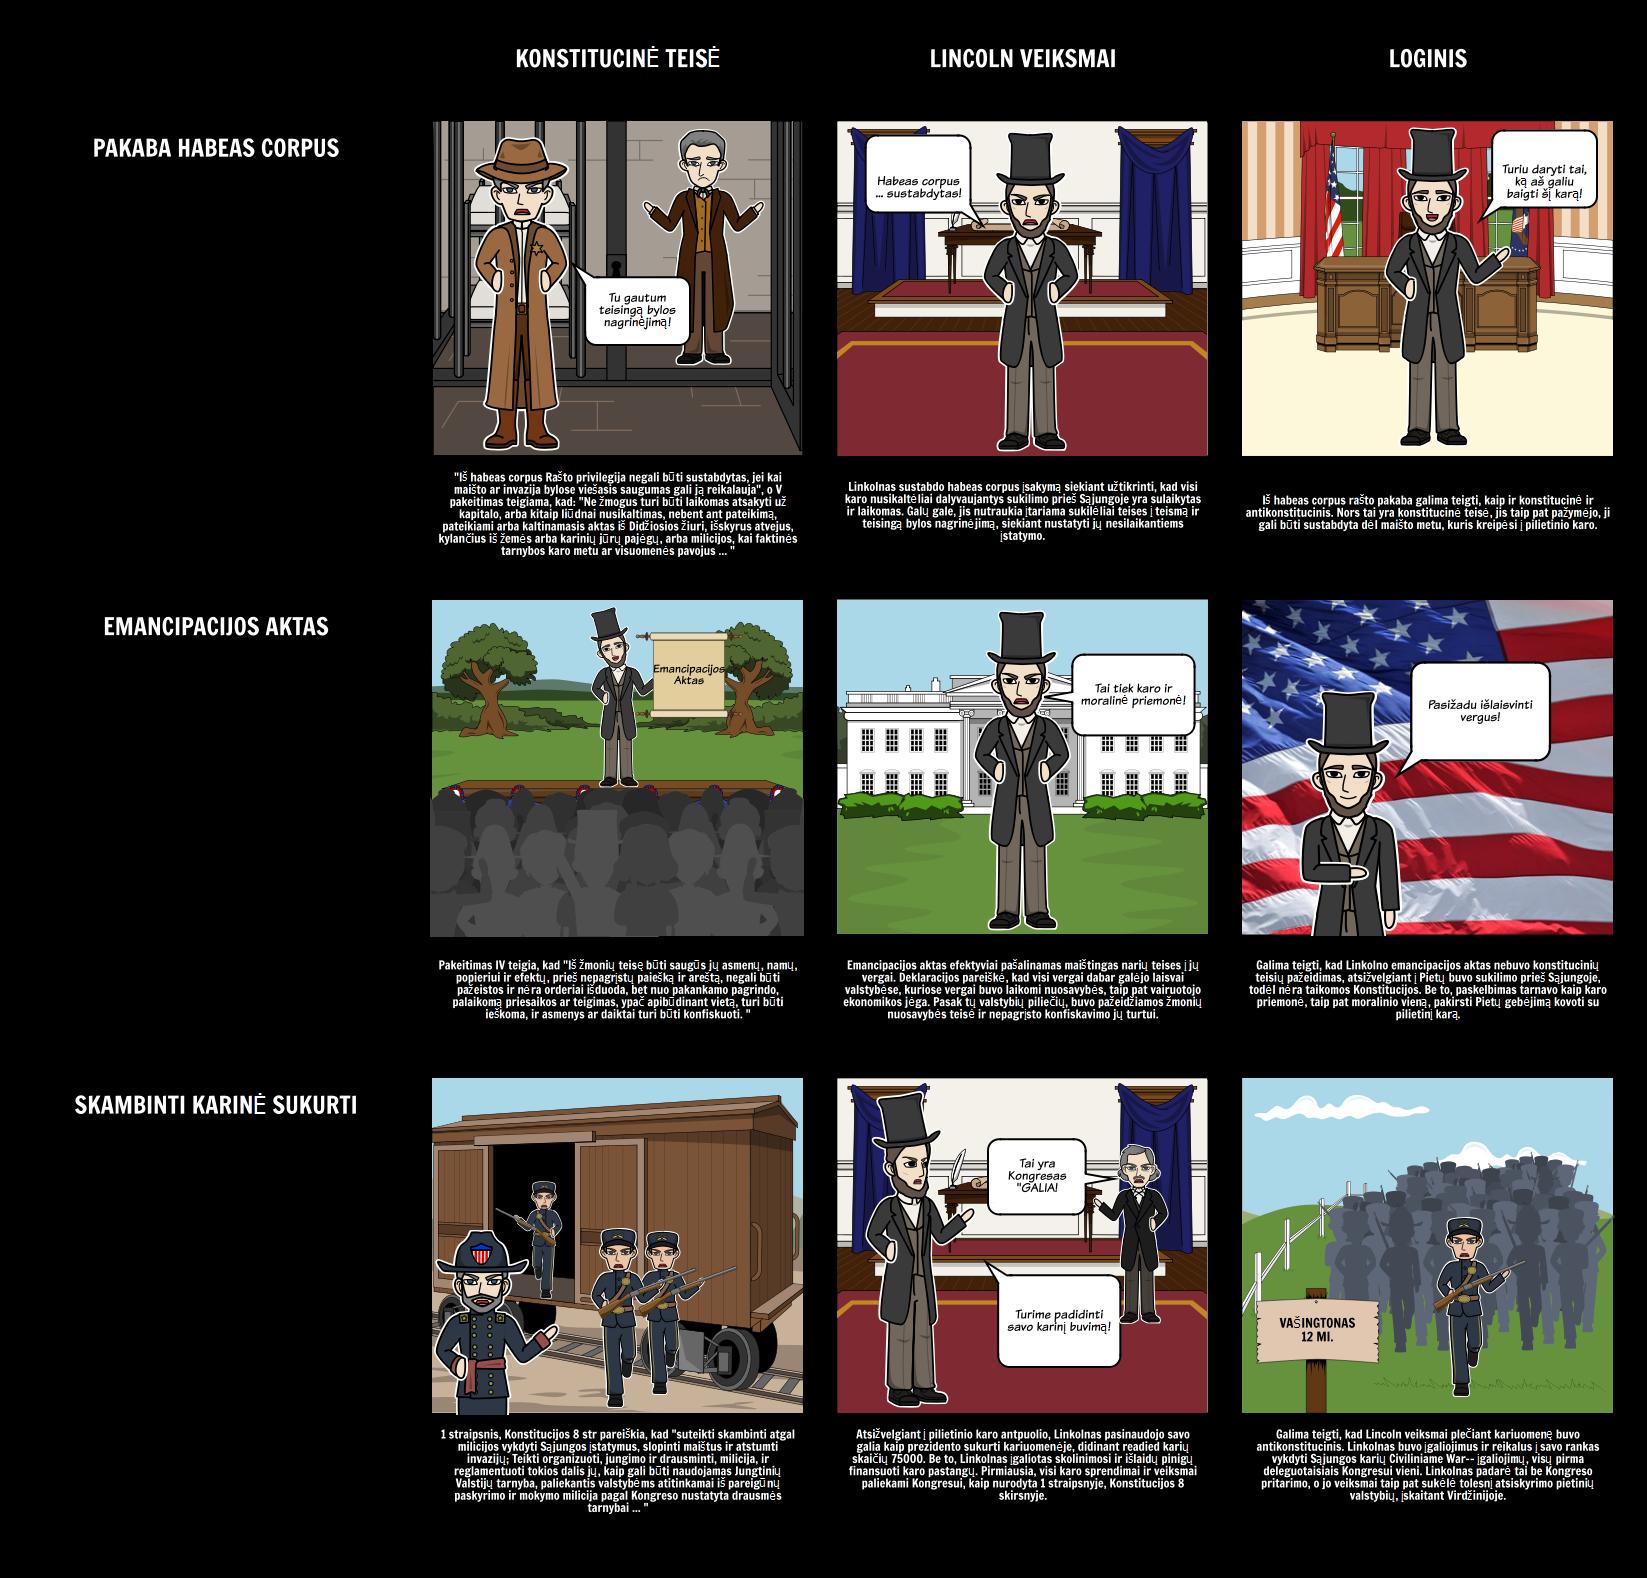 Linkolno Plėtra Įgaliojimų ir jos Konstitucingumo